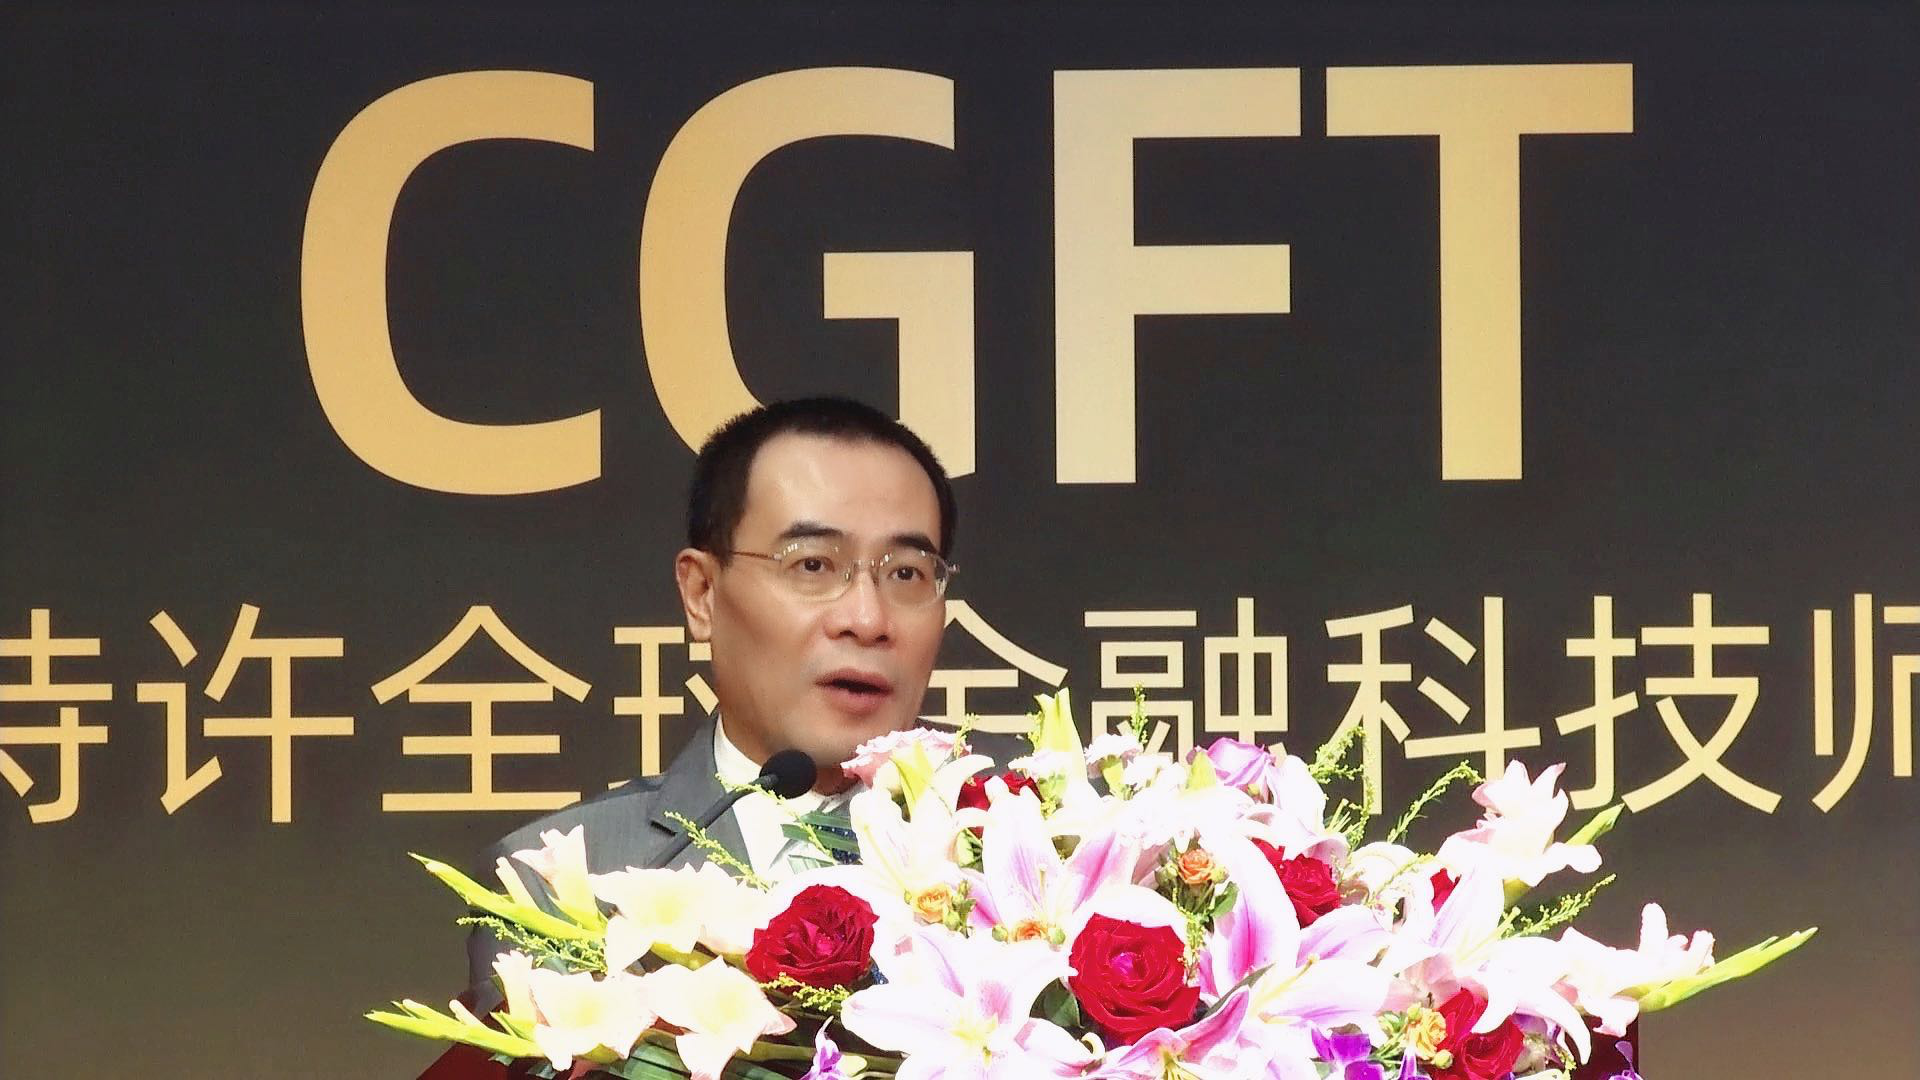 """""""特许全球金融科技师,CGFT,金融科技人才,金融科技"""""""